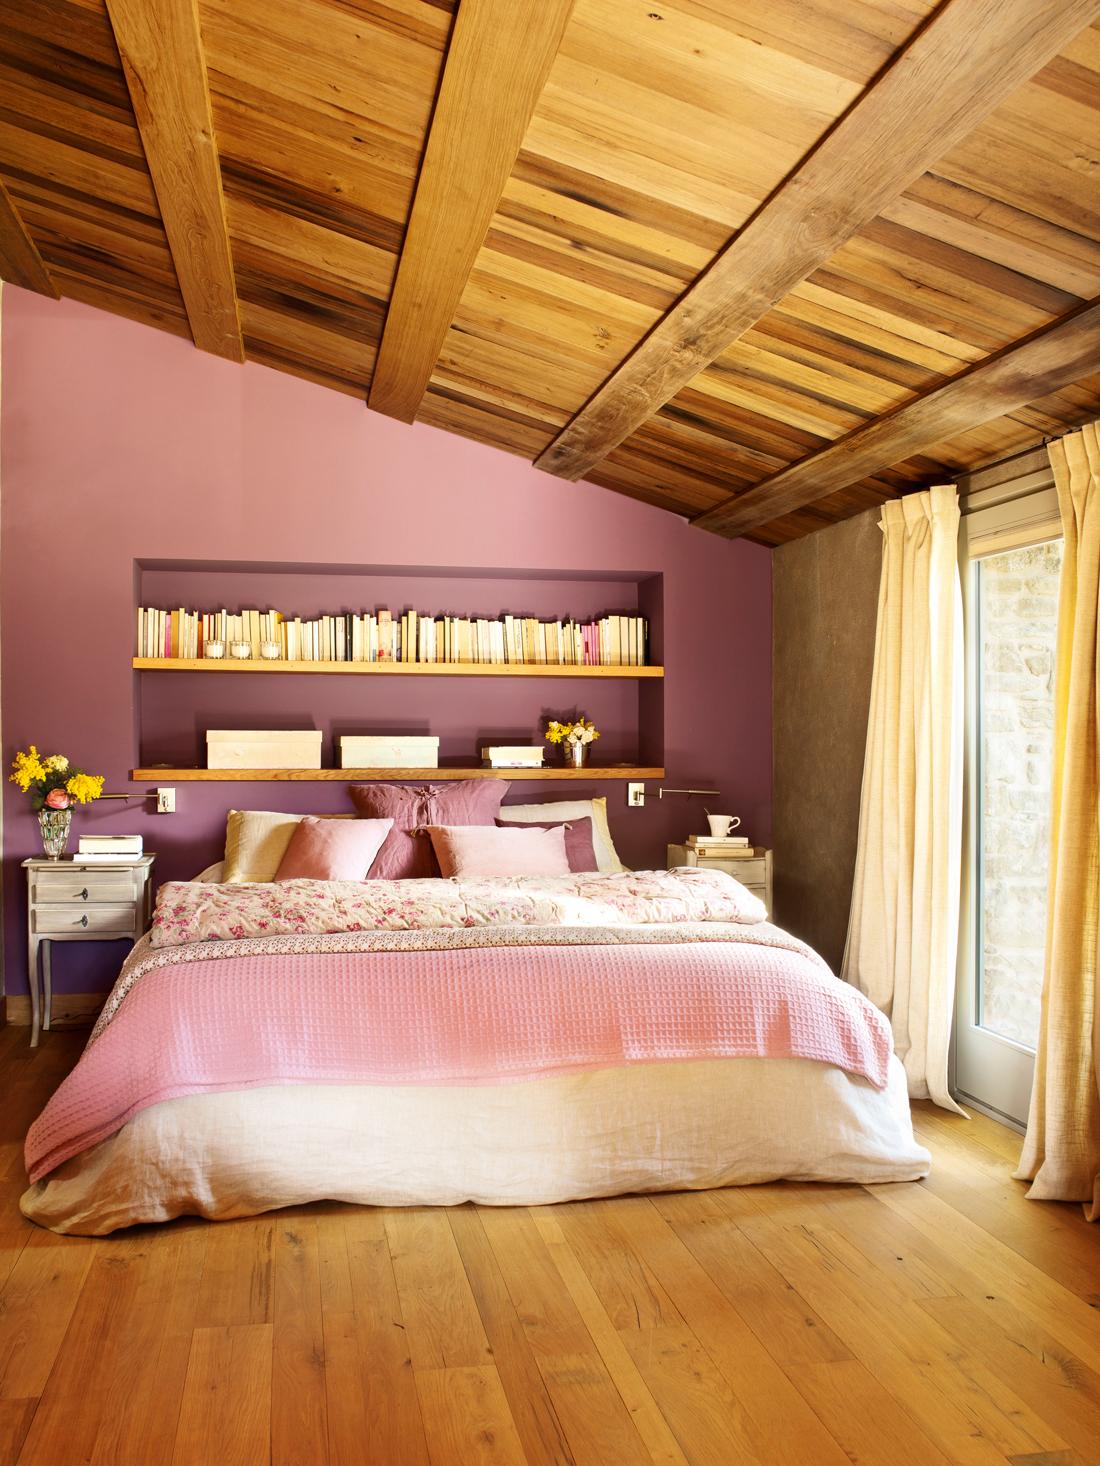 Hornacinas huecos decorativos y con espacio extra para - Decoraciones de paredes pintadas ...